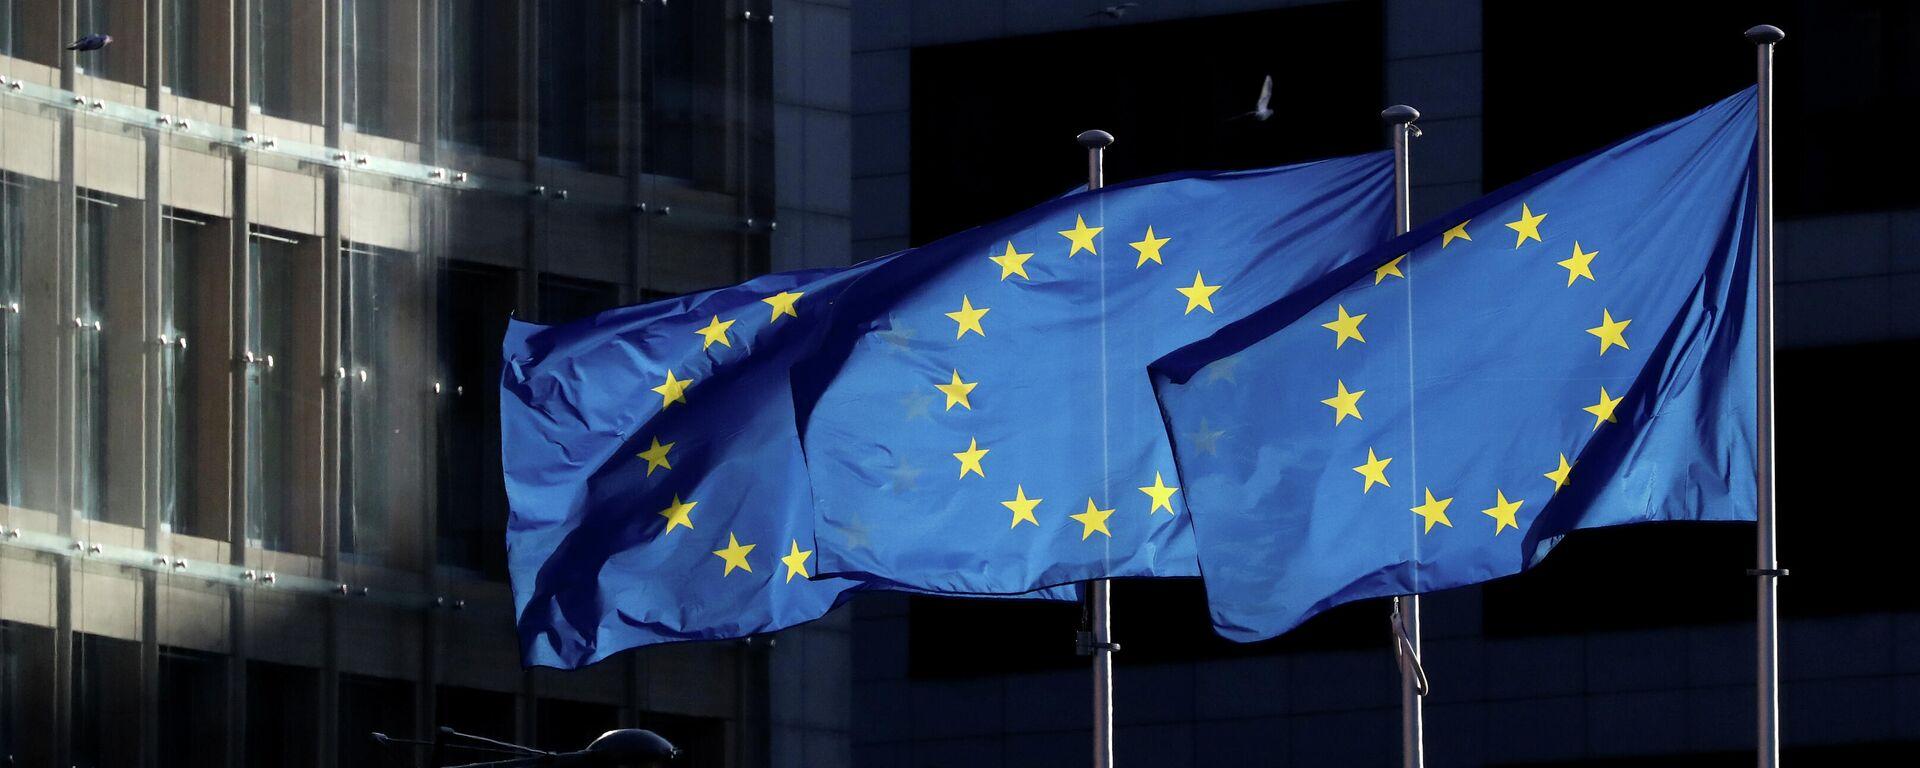 La bandera de la UE - Sputnik Mundo, 1920, 11.10.2021